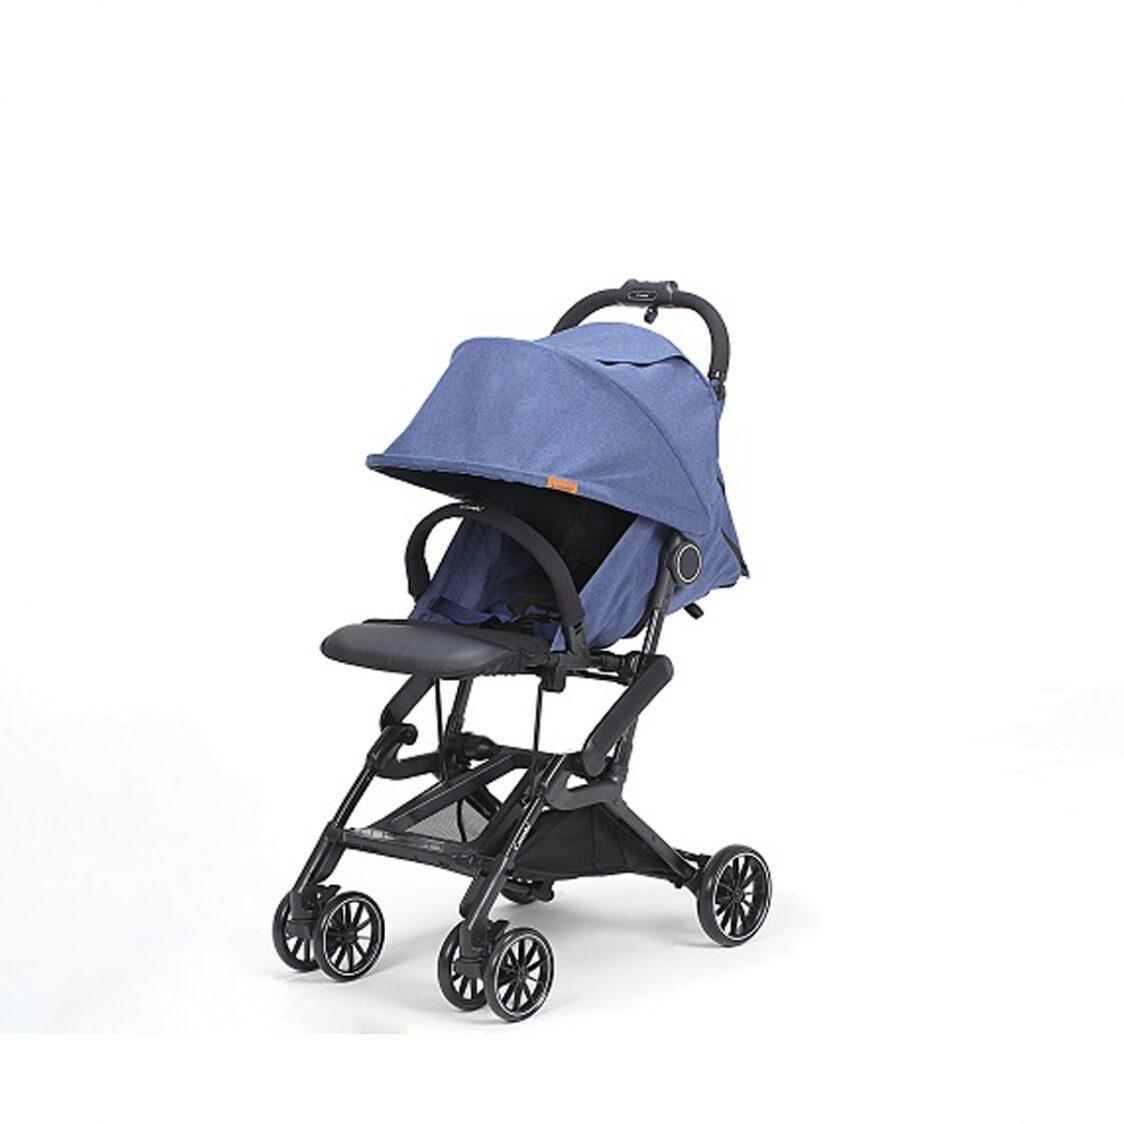 Combi CFS Bay Blue Compact Folding Stroller 136 Months 6KG